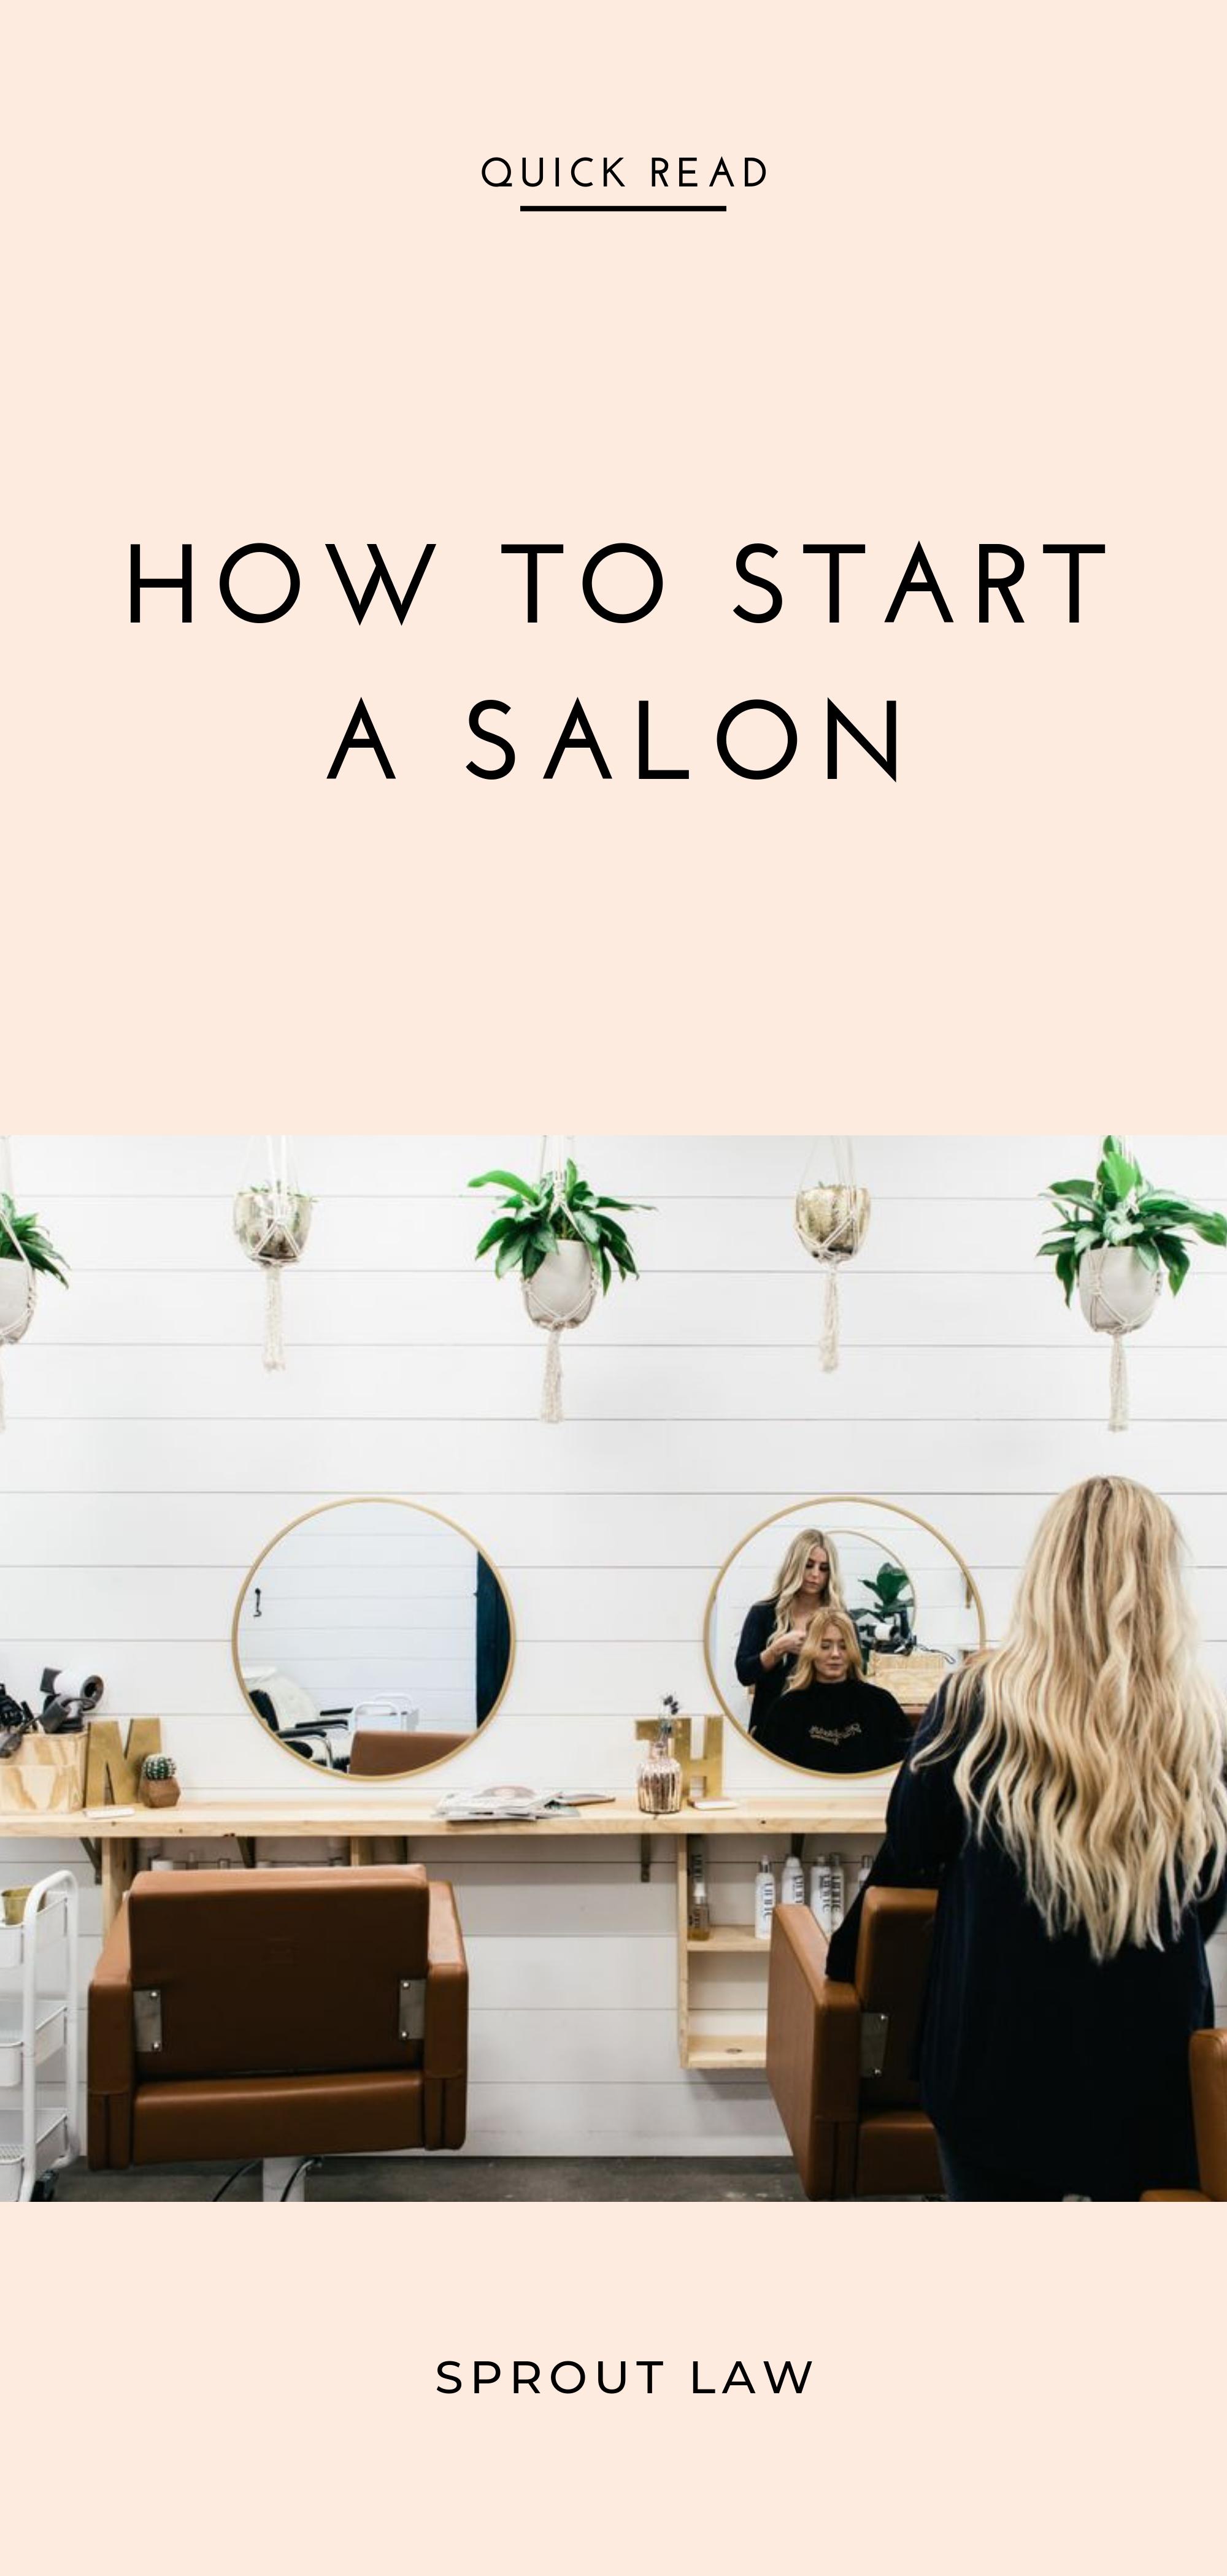 How to Start a Beauty Salon Beauty salon, Salons, Beauty